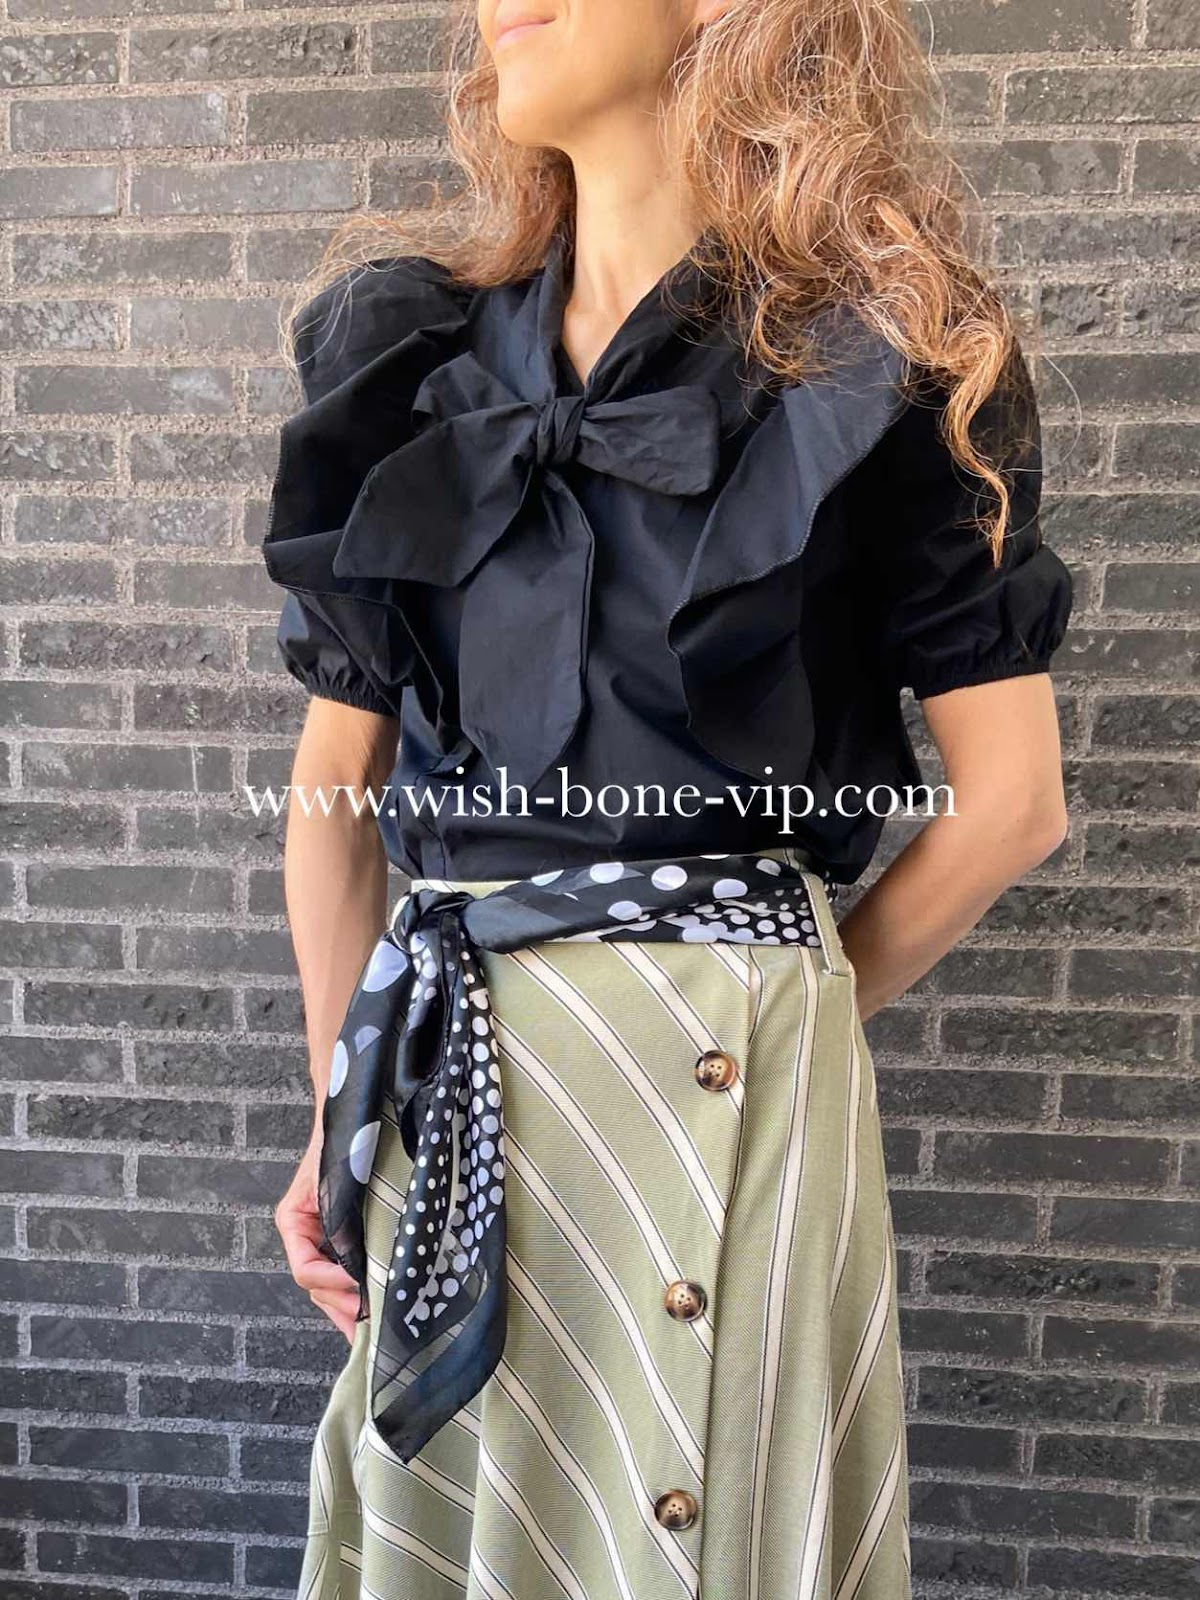 インポートセレクトショップとインポートファッション通販/大阪難波/wishbnevip